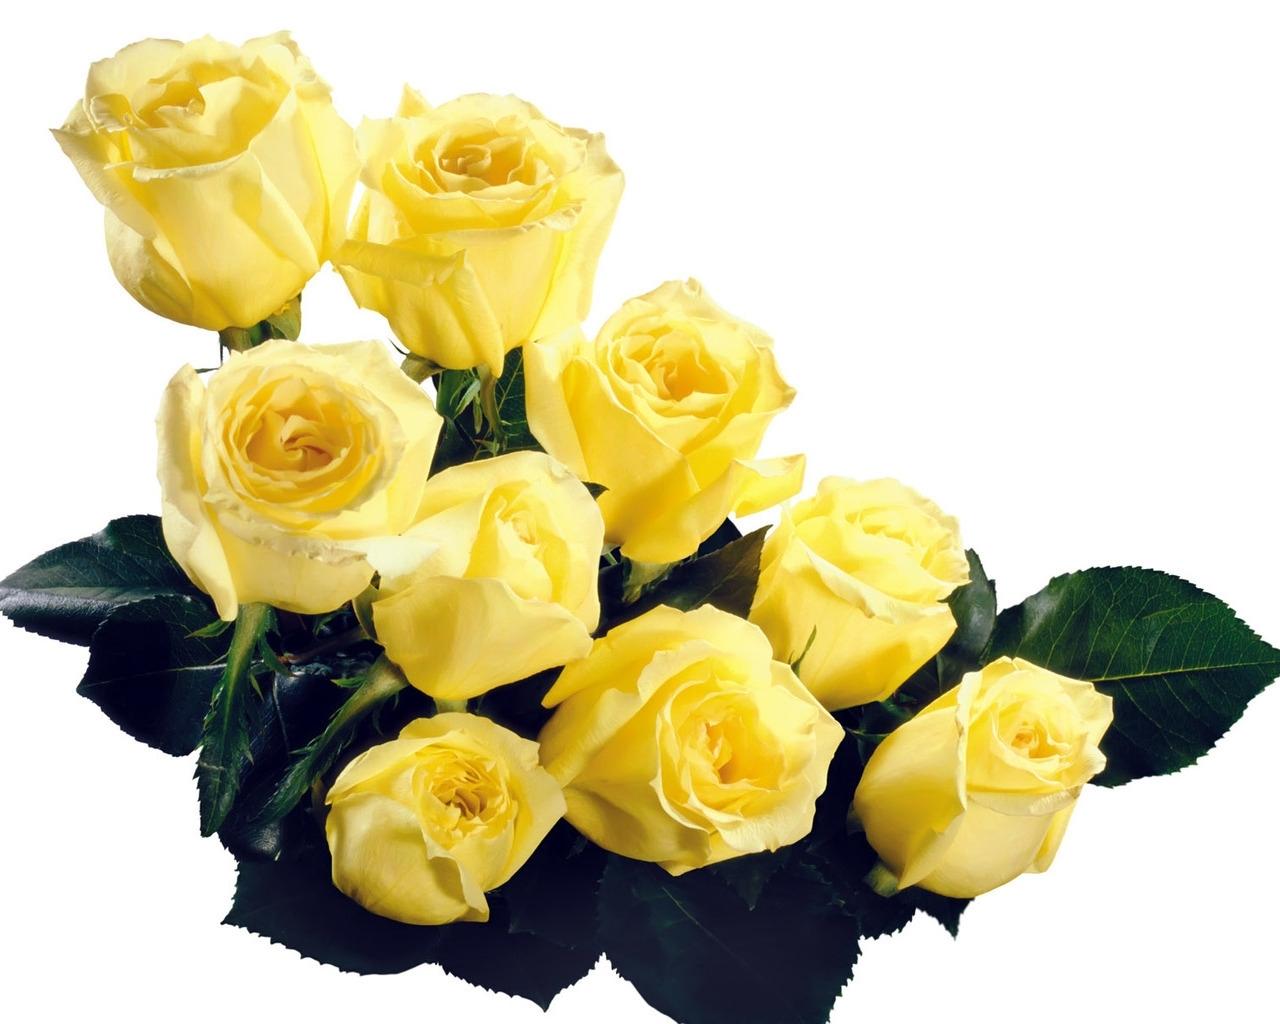 9433 скачать Желтые обои на телефон бесплатно, Открытки, Растения, Праздники, Цветы, Розы, 8 Марта Желтые картинки и заставки на мобильный